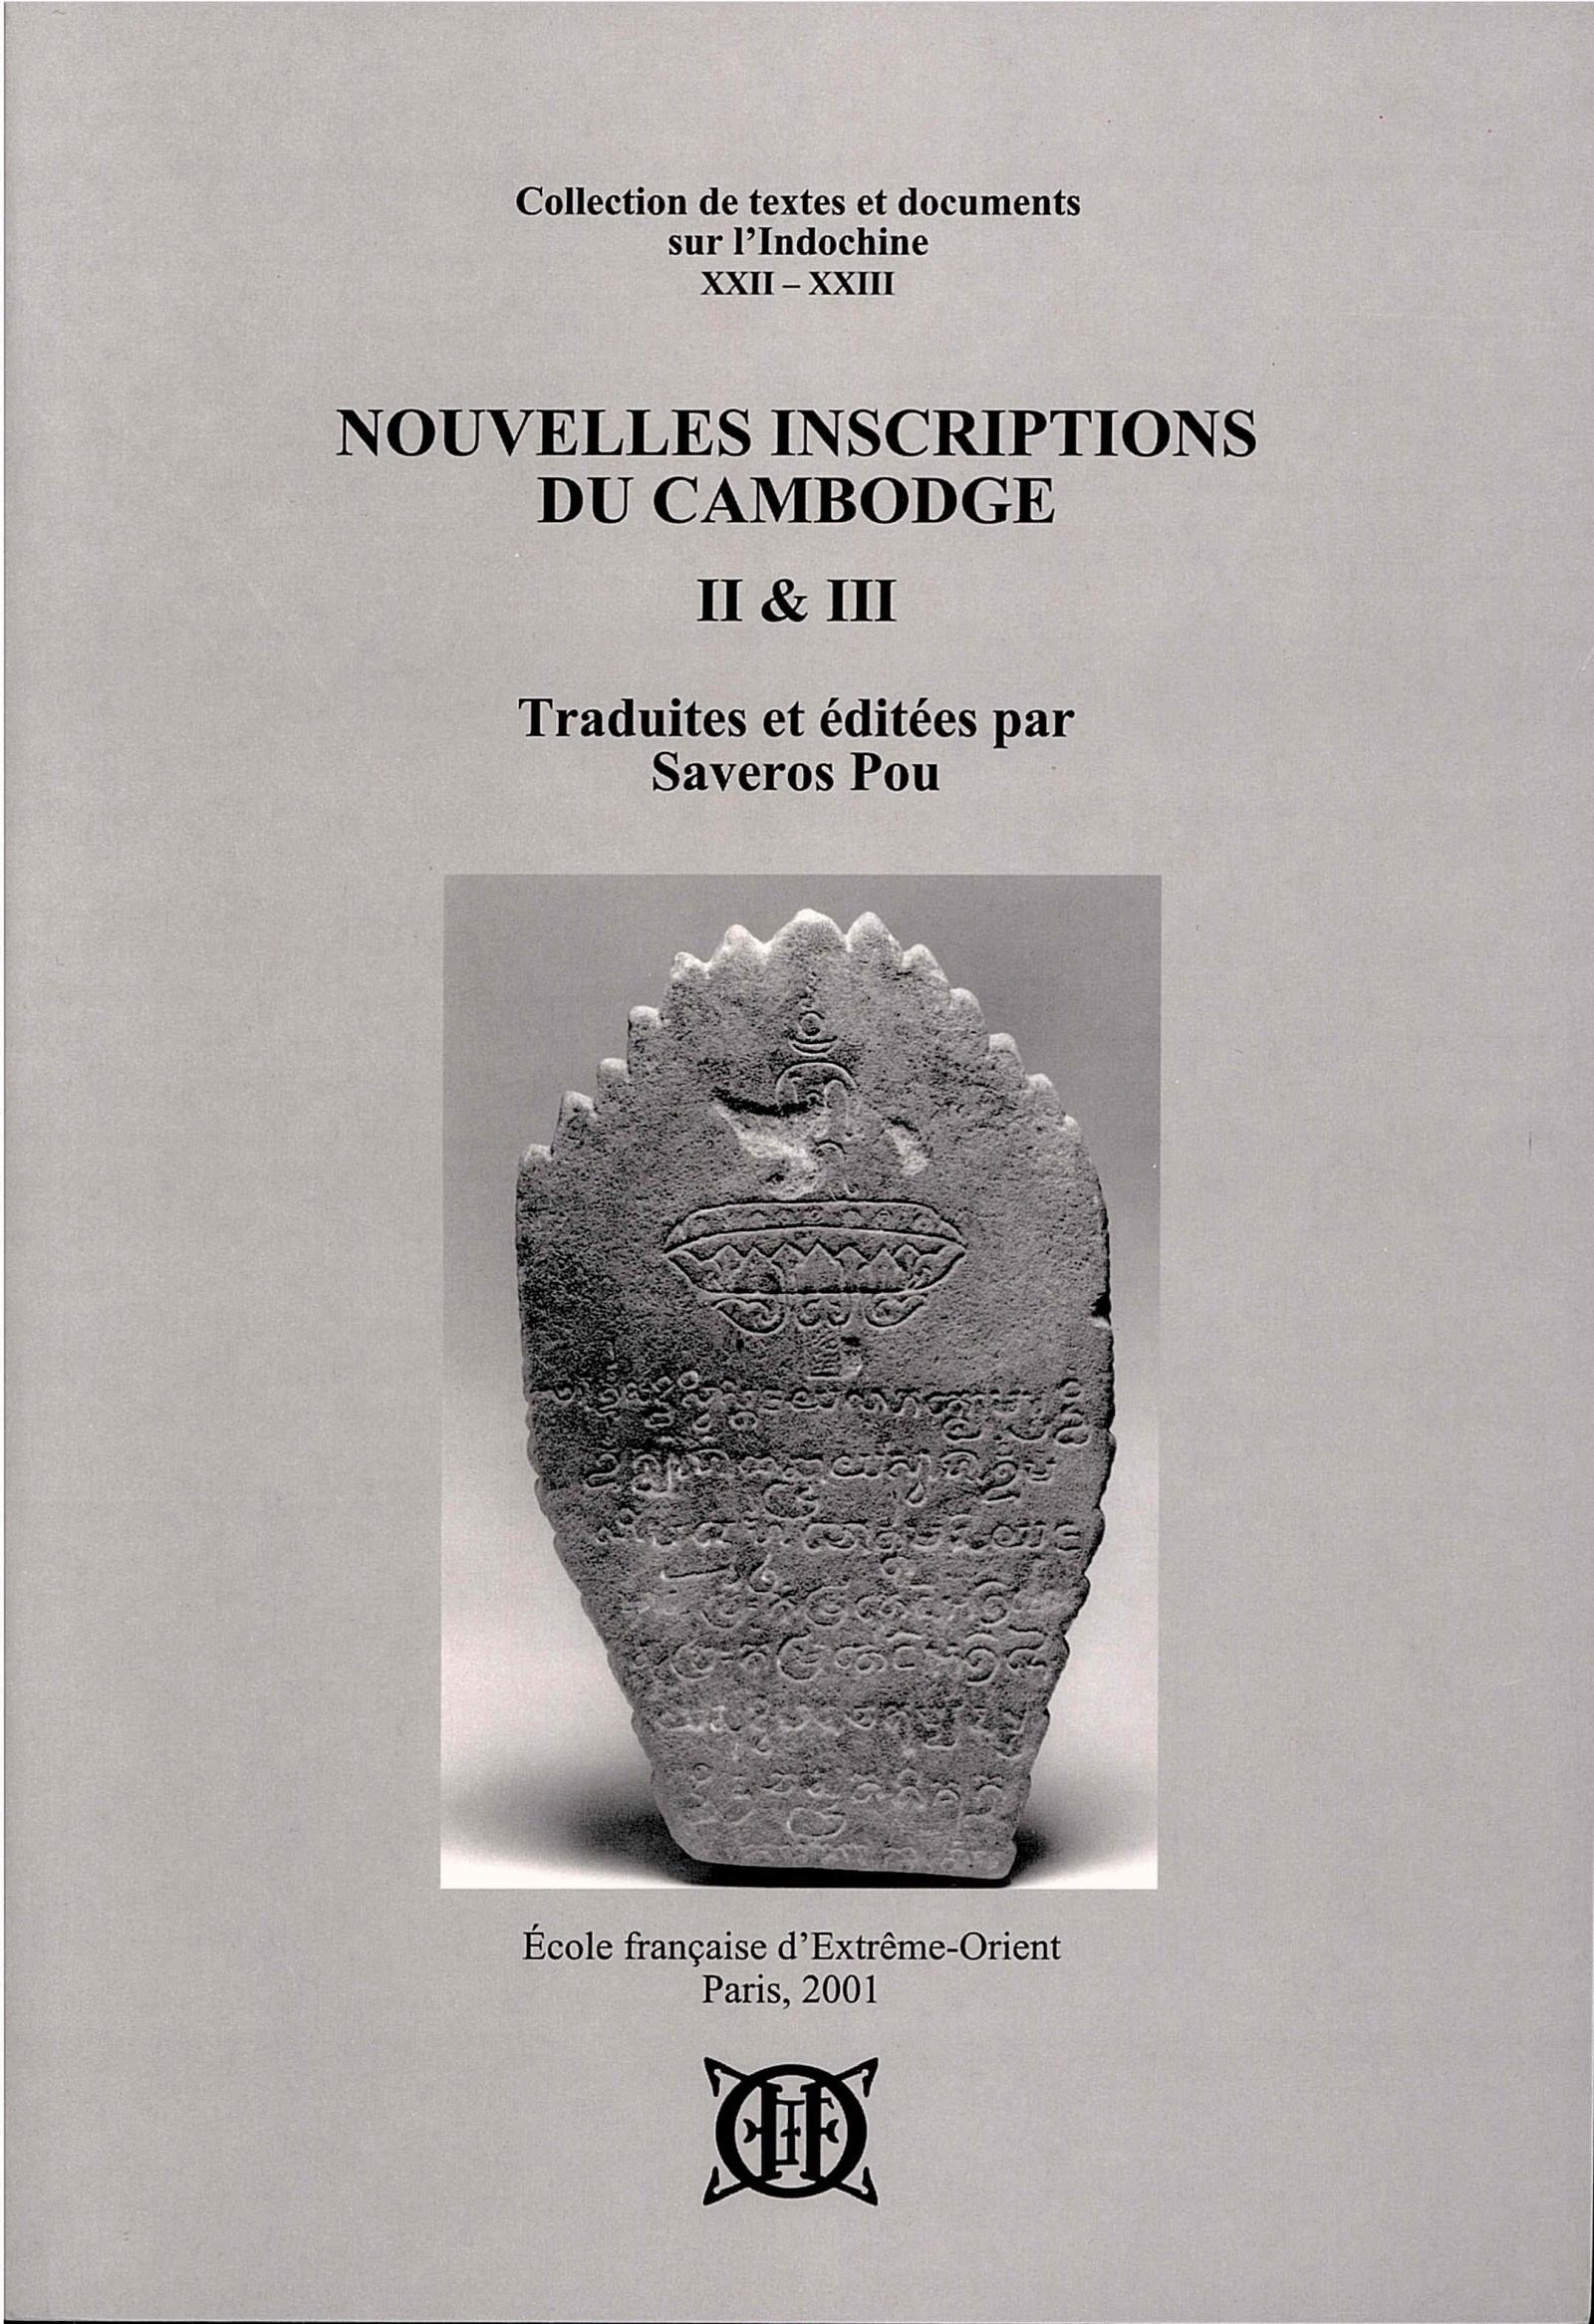 Nouvelles inscriptions du Cambodge, II & III